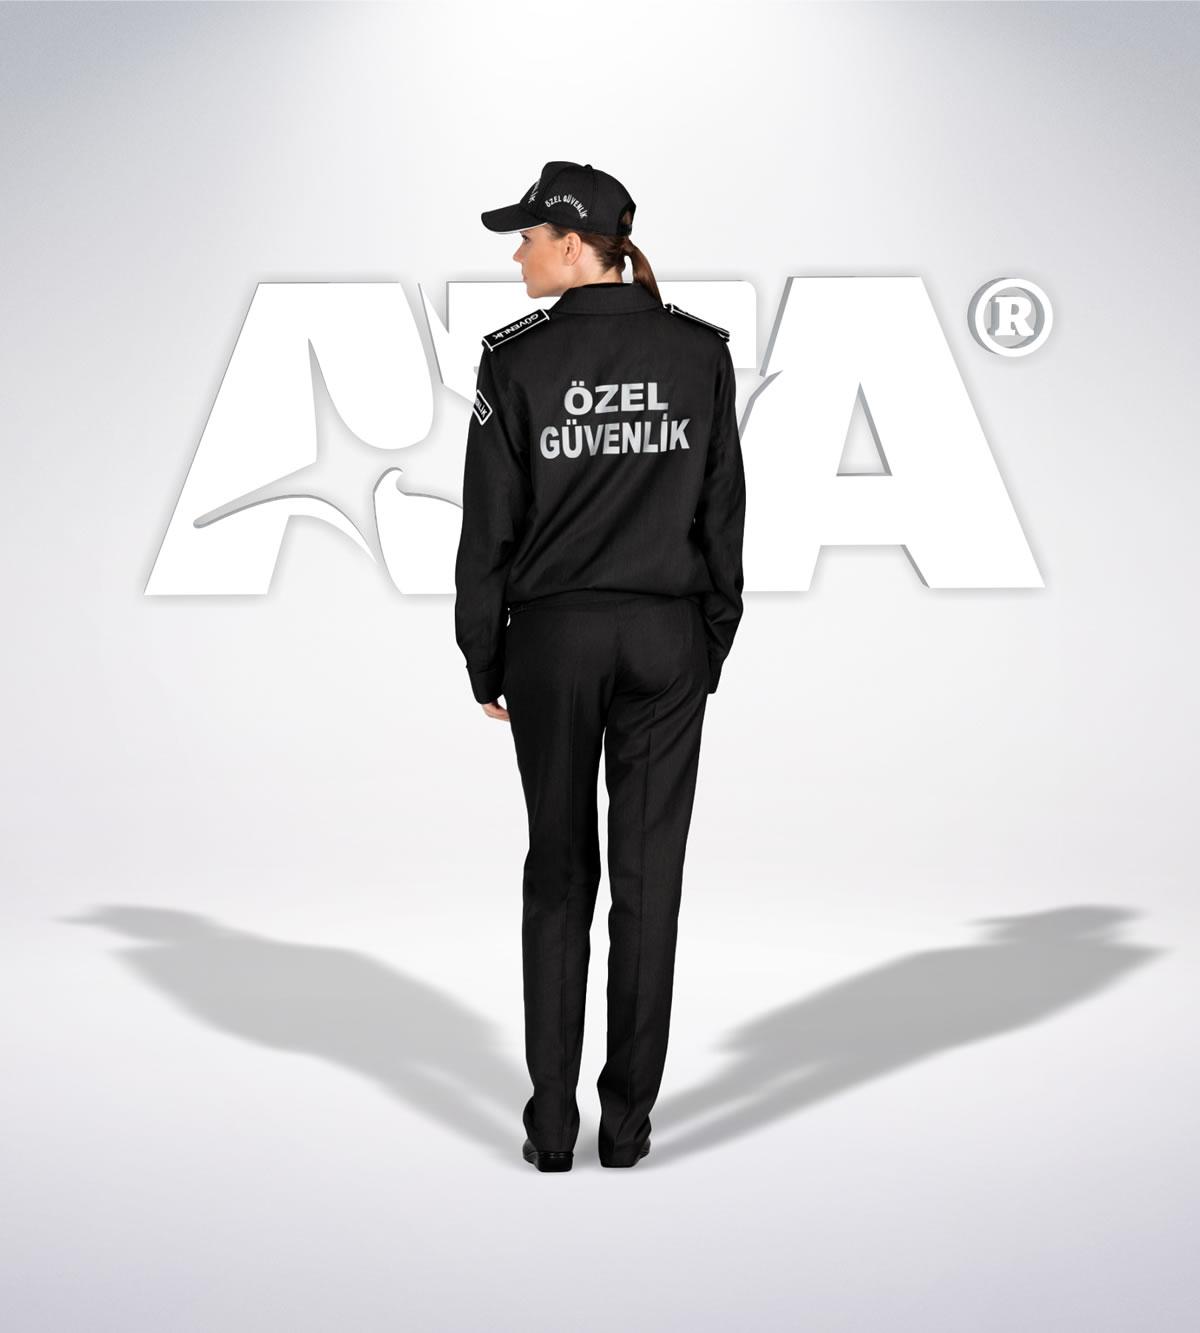 ATA 162 - arka - Pantolon kışlık - mont - aksesuar reflektör - güvenlik elbiseleri | güvenlik üniformaları | güvenlik kıyafetleri